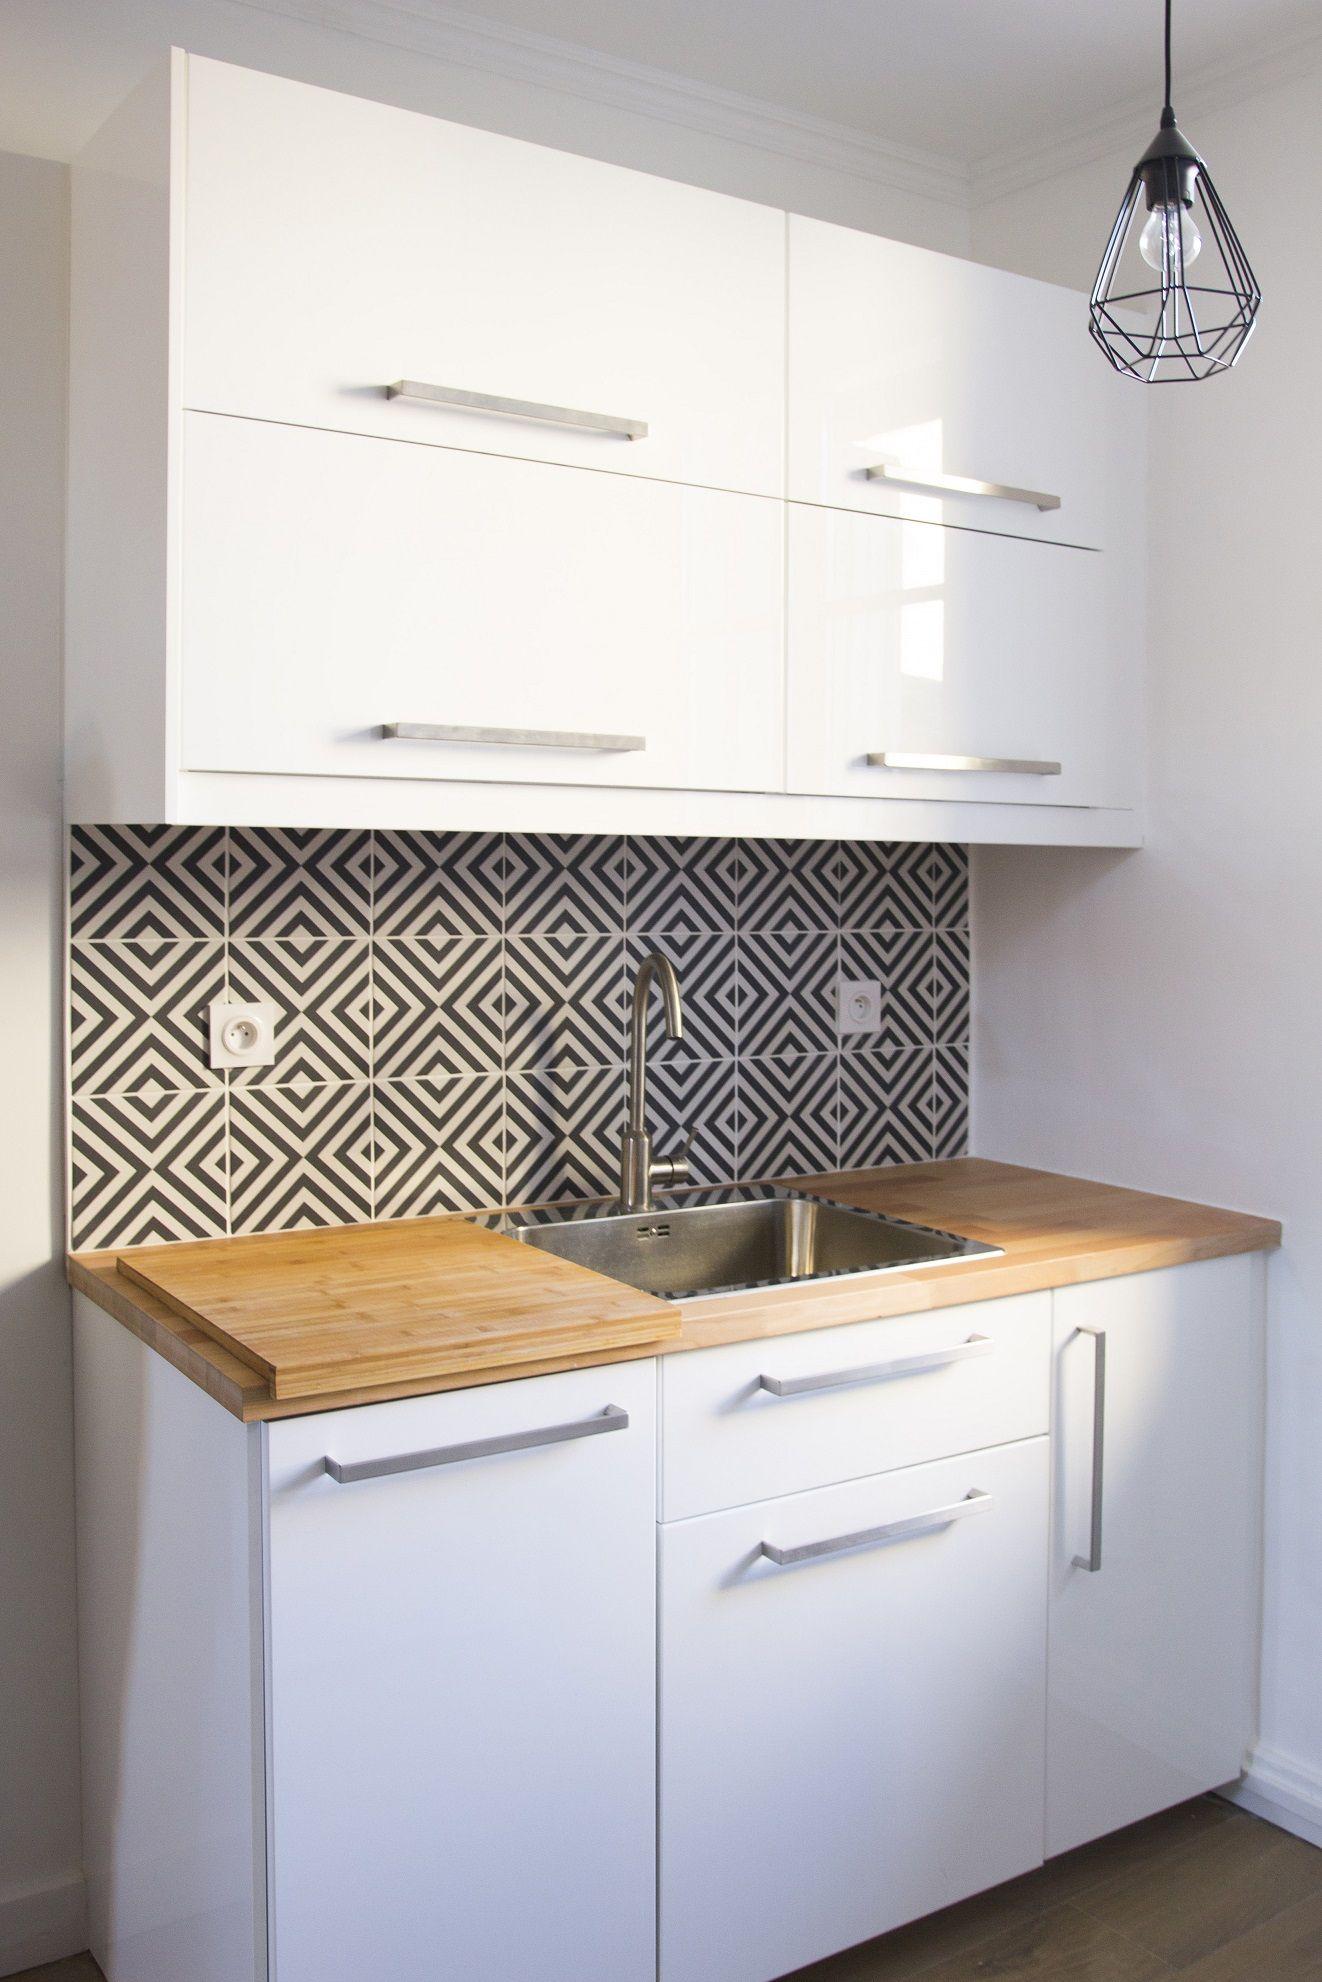 Cuisine Ikea Credence Dement Leroy Merlin Style Carreaux Ciment Noir Et Blanc Agencement Du Mobilier Amenagement Interieur Cuisine Moderne